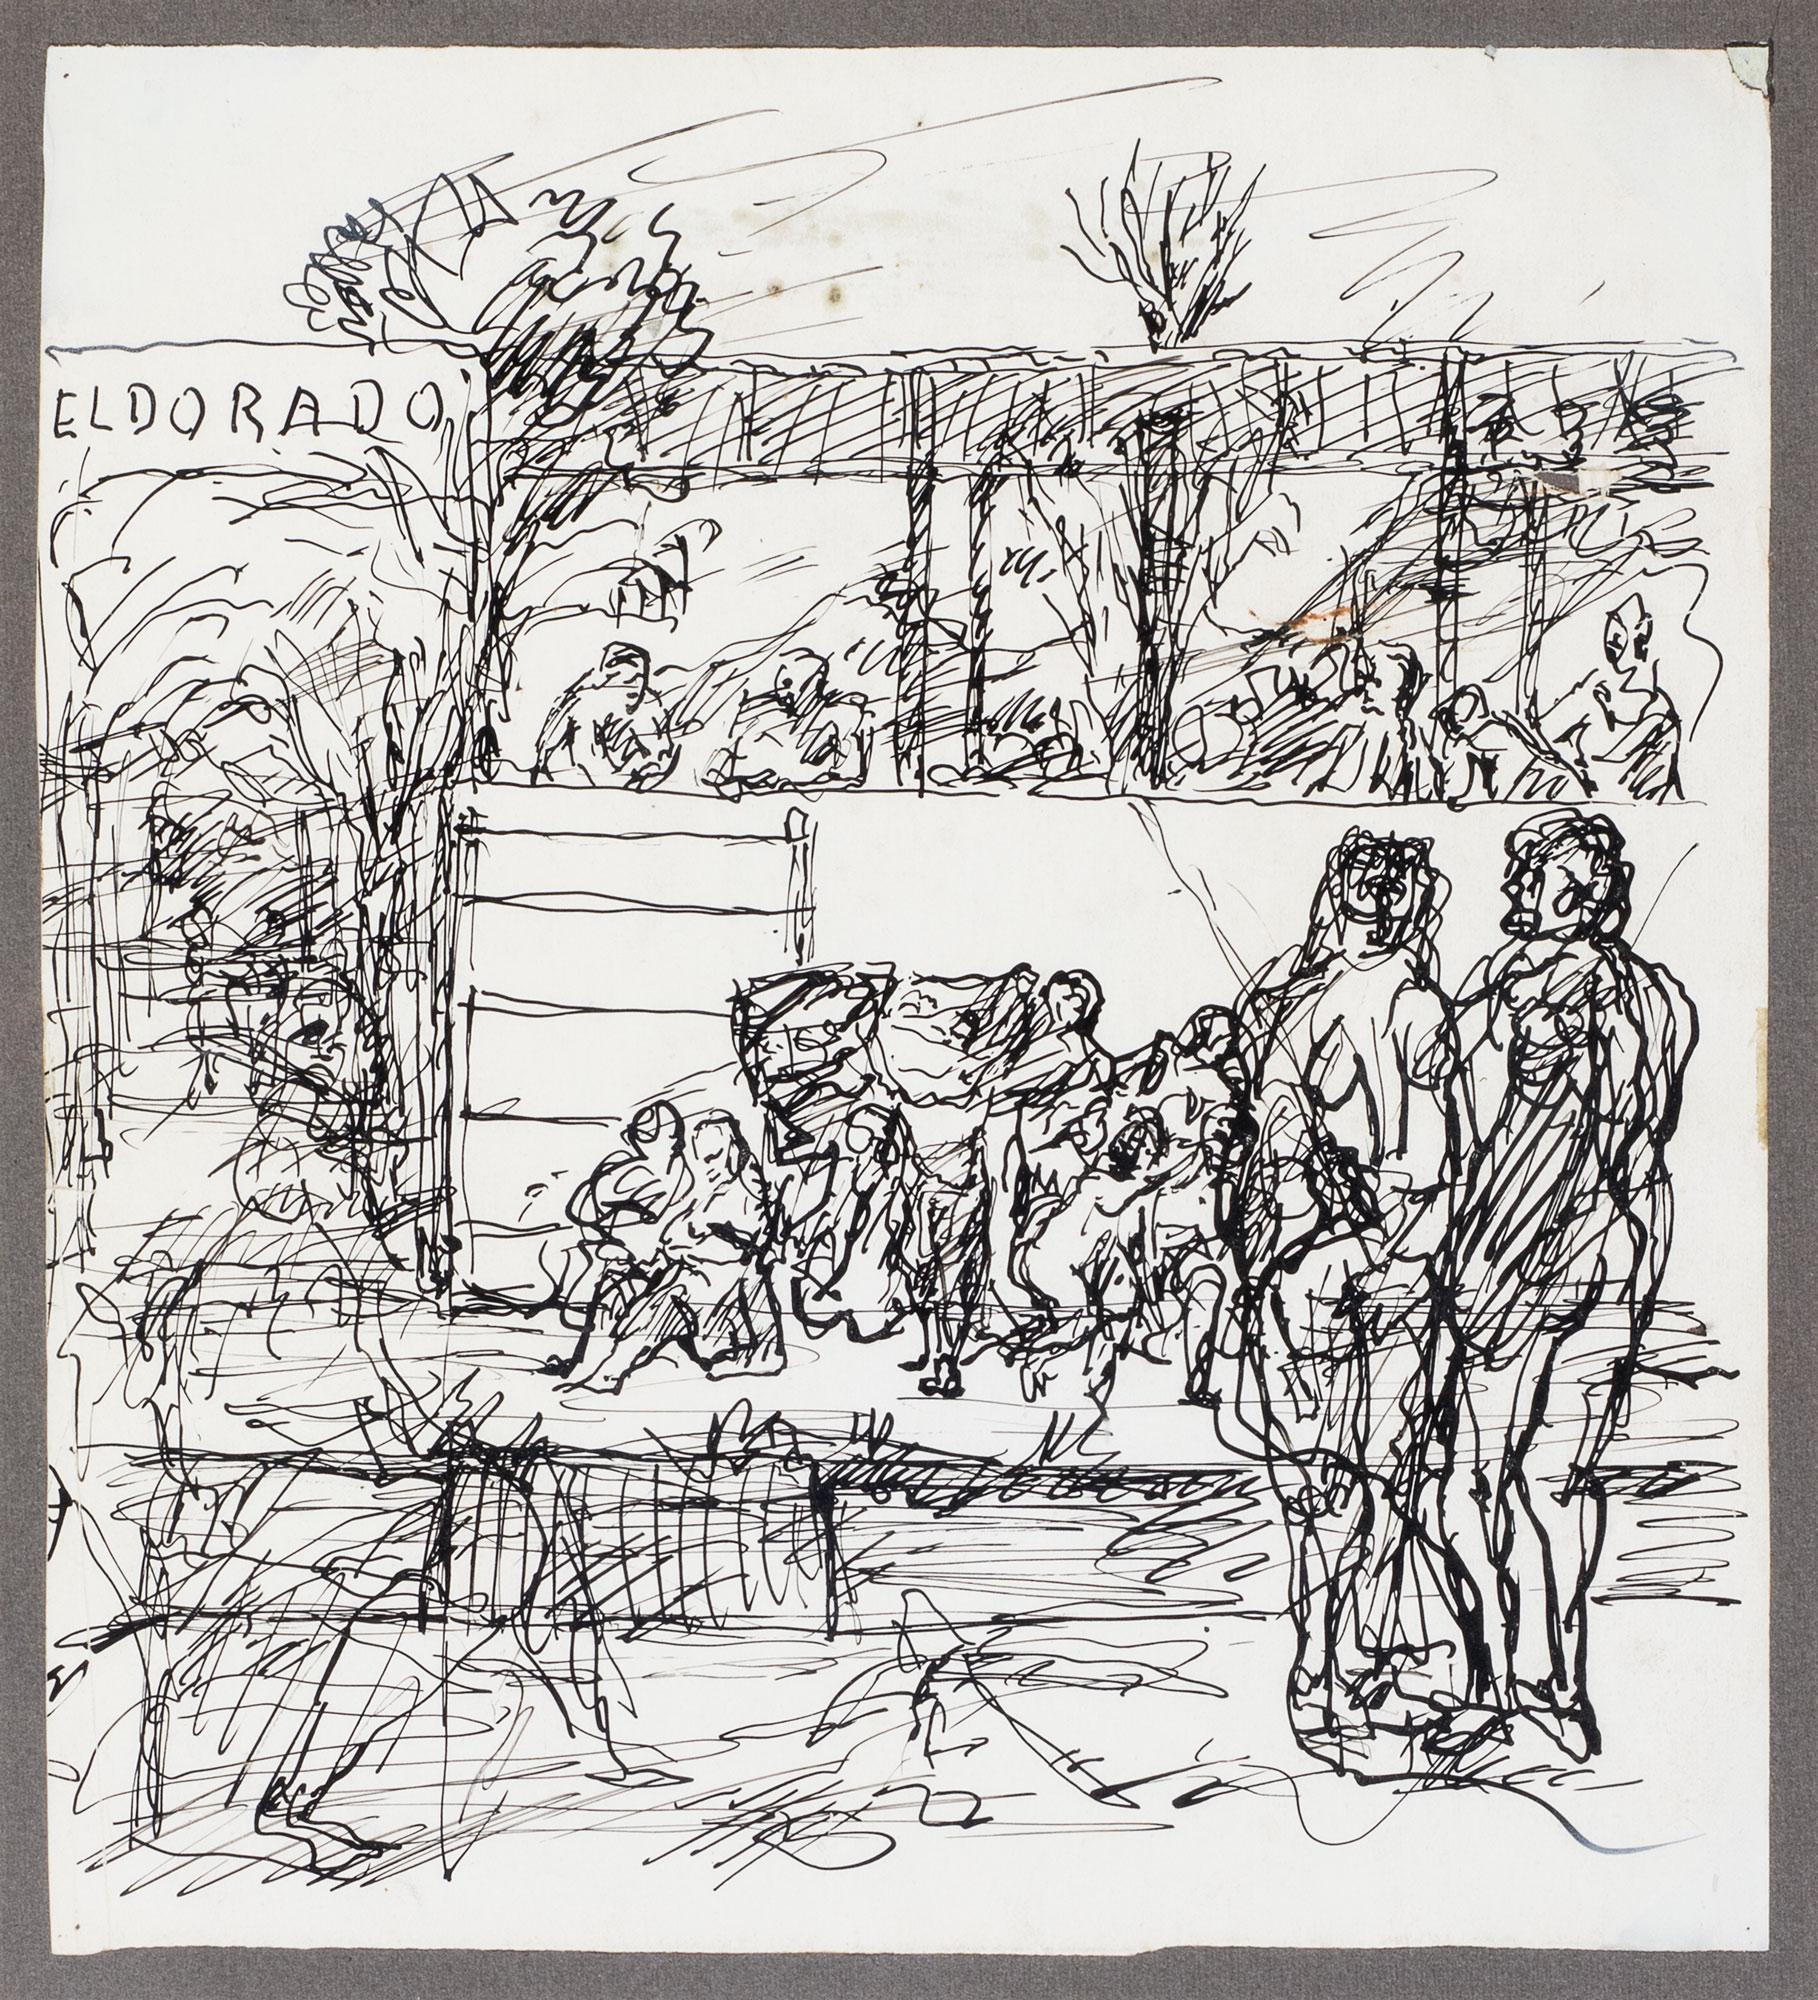 I bagni Eldorado, 1940